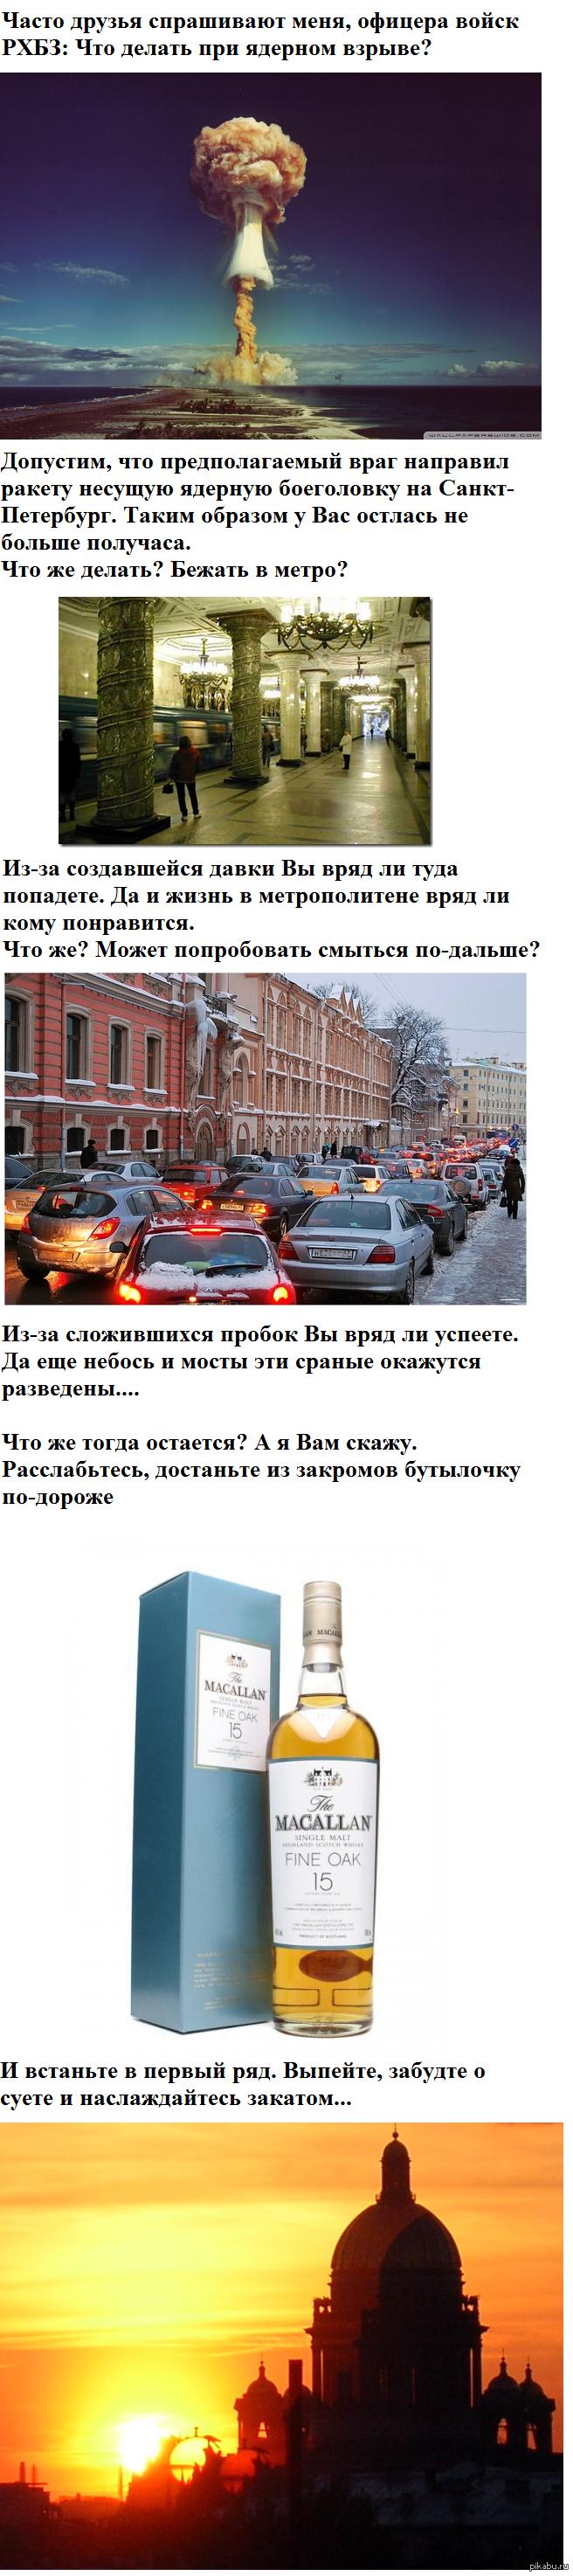 этот действия при ядерной атаке спб аренду Новосибирская